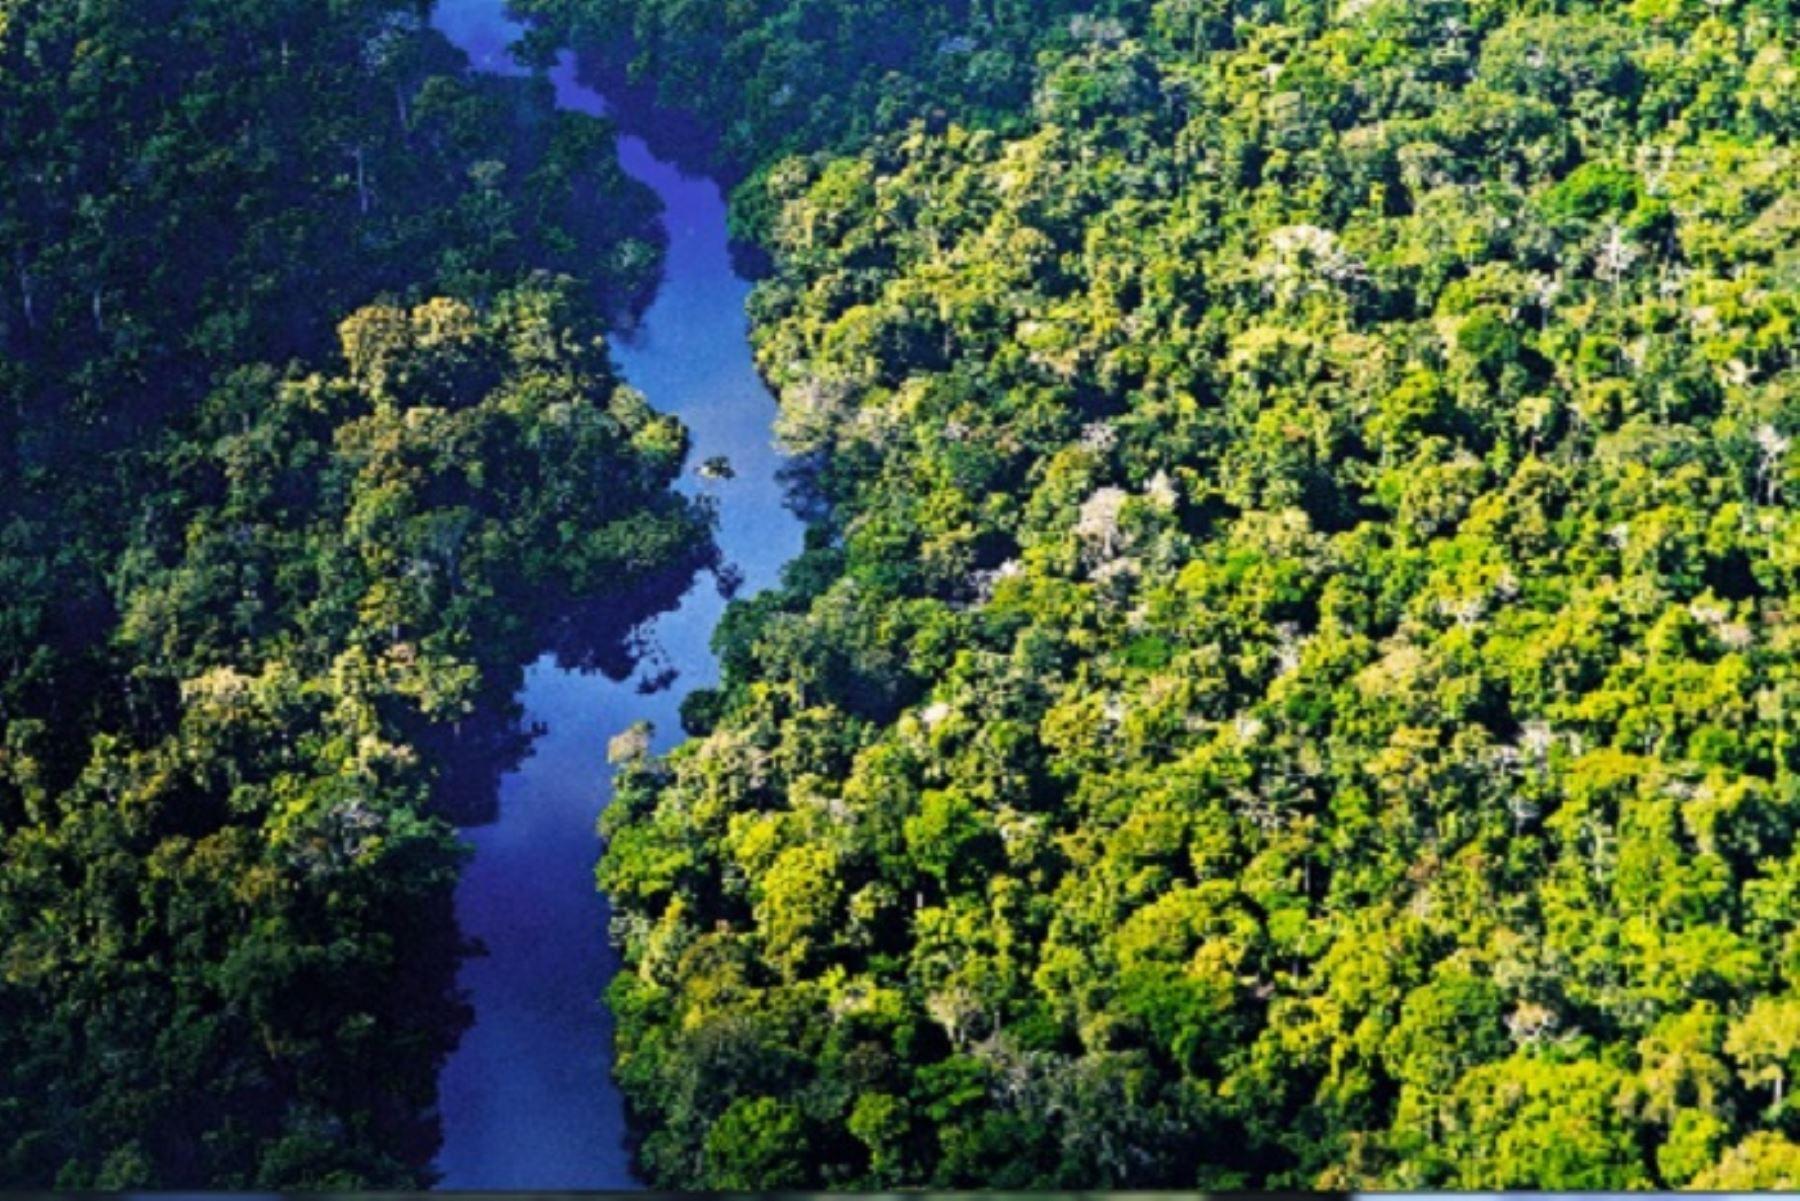 Los bosques amazónicos captan el dióxido de carbono de la atmósfera y contribuyen a reducir el impacto de este gas de efecto invernadero que incide en el calentamiento global y el cambio climático. Foto: ANDINA/difusión.